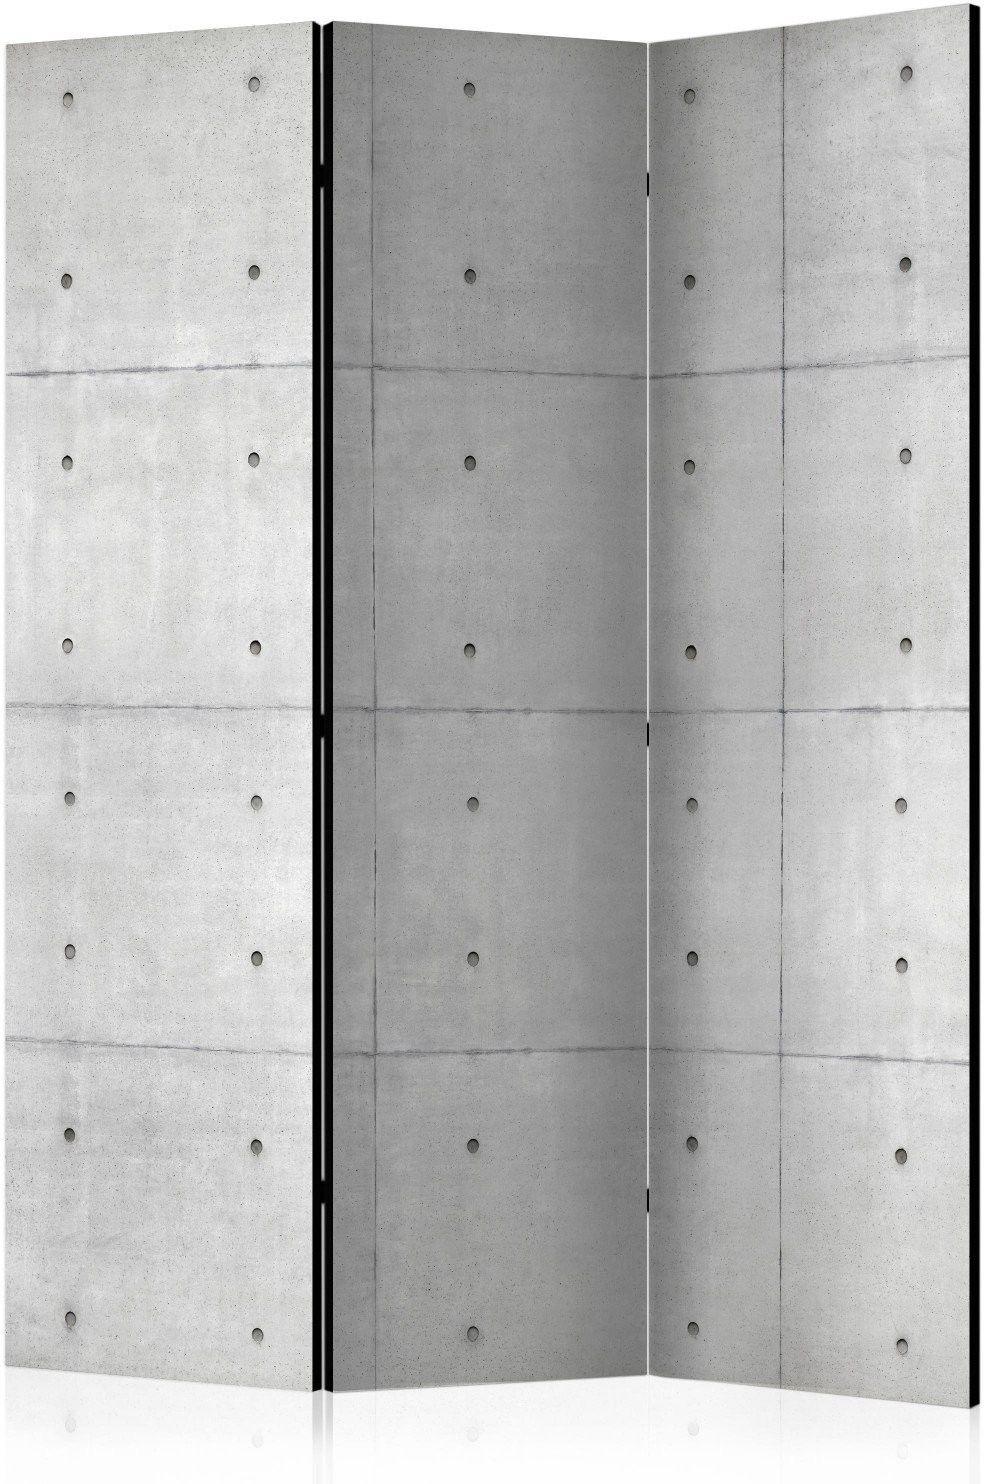 Parawan 3-częściowy - domino [room dividers]